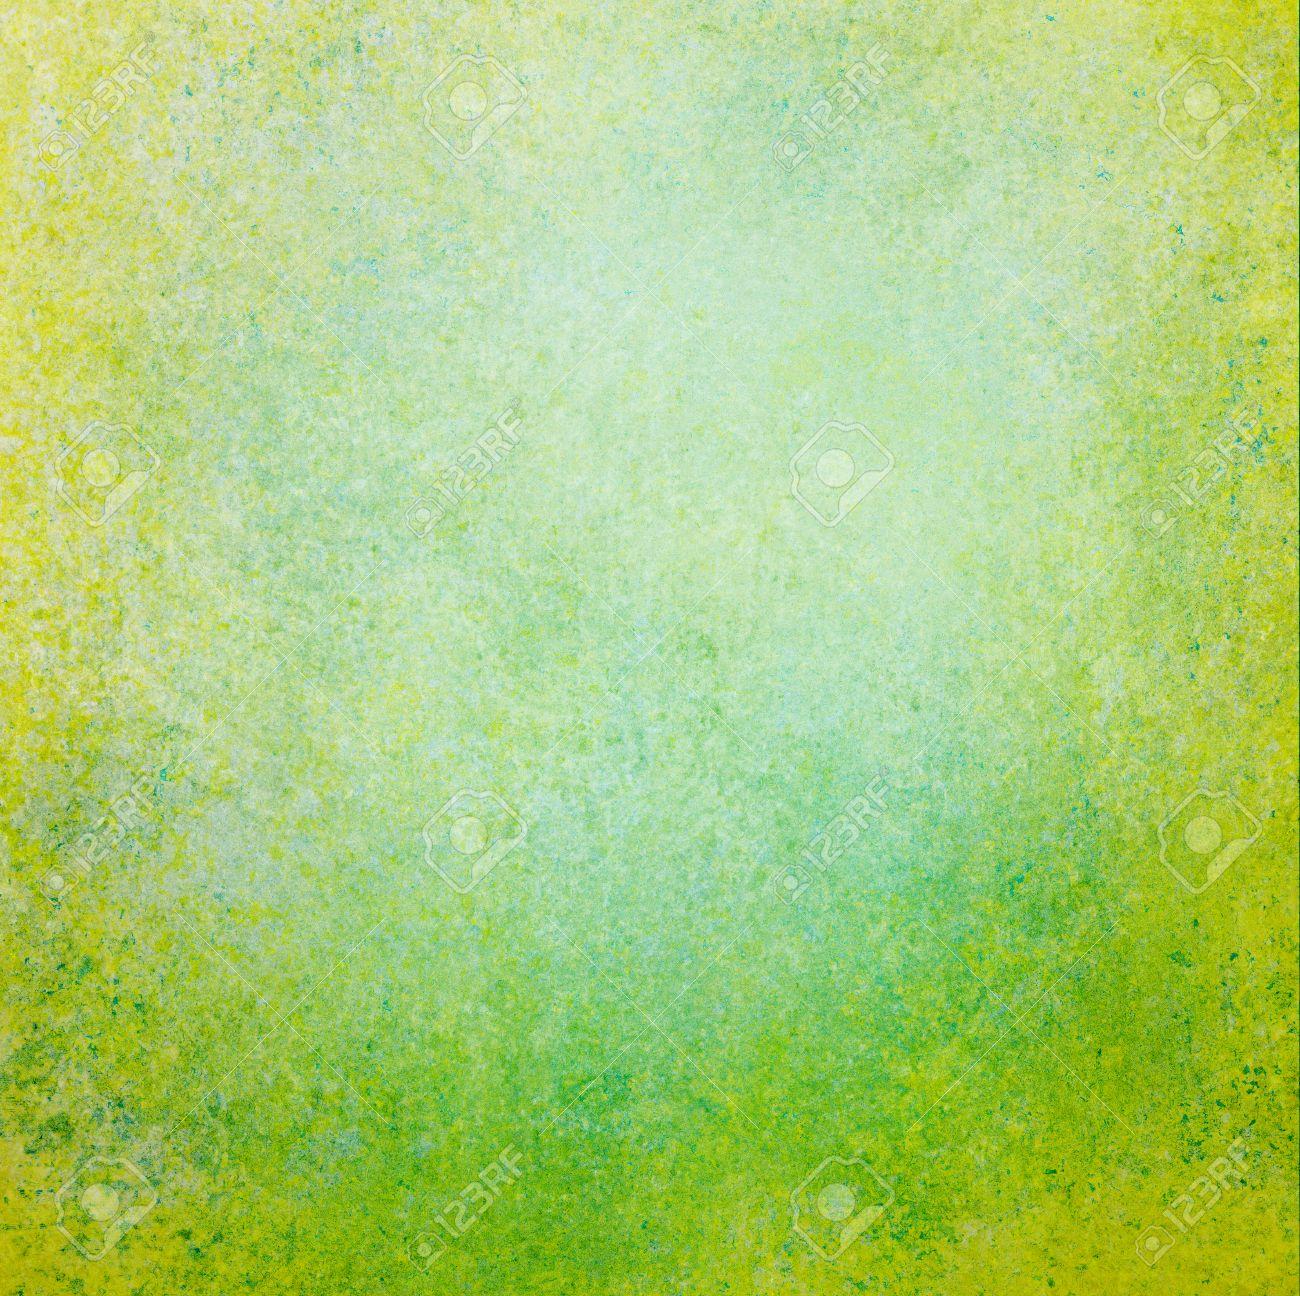 Peinture À L Éponge Sur Mur fond vert abstrait centre blanc avec une texture éponge vintage grunge,  affligé peinture smeary rugueux sur le mur, modèle de site web, la couleur  de